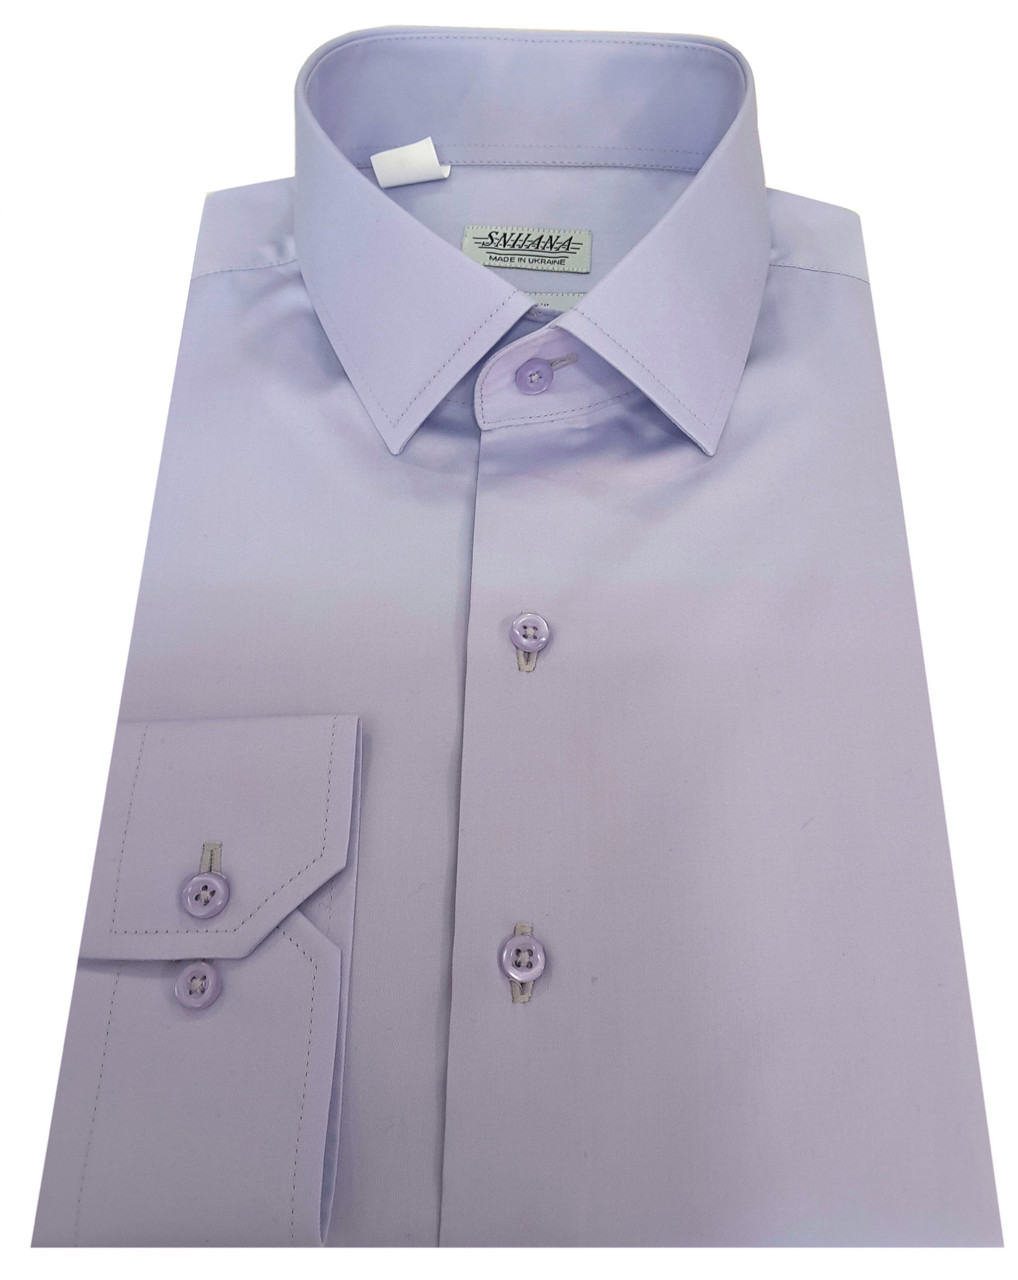 Мужская рубашка приталенная из сатина  606/14-3911